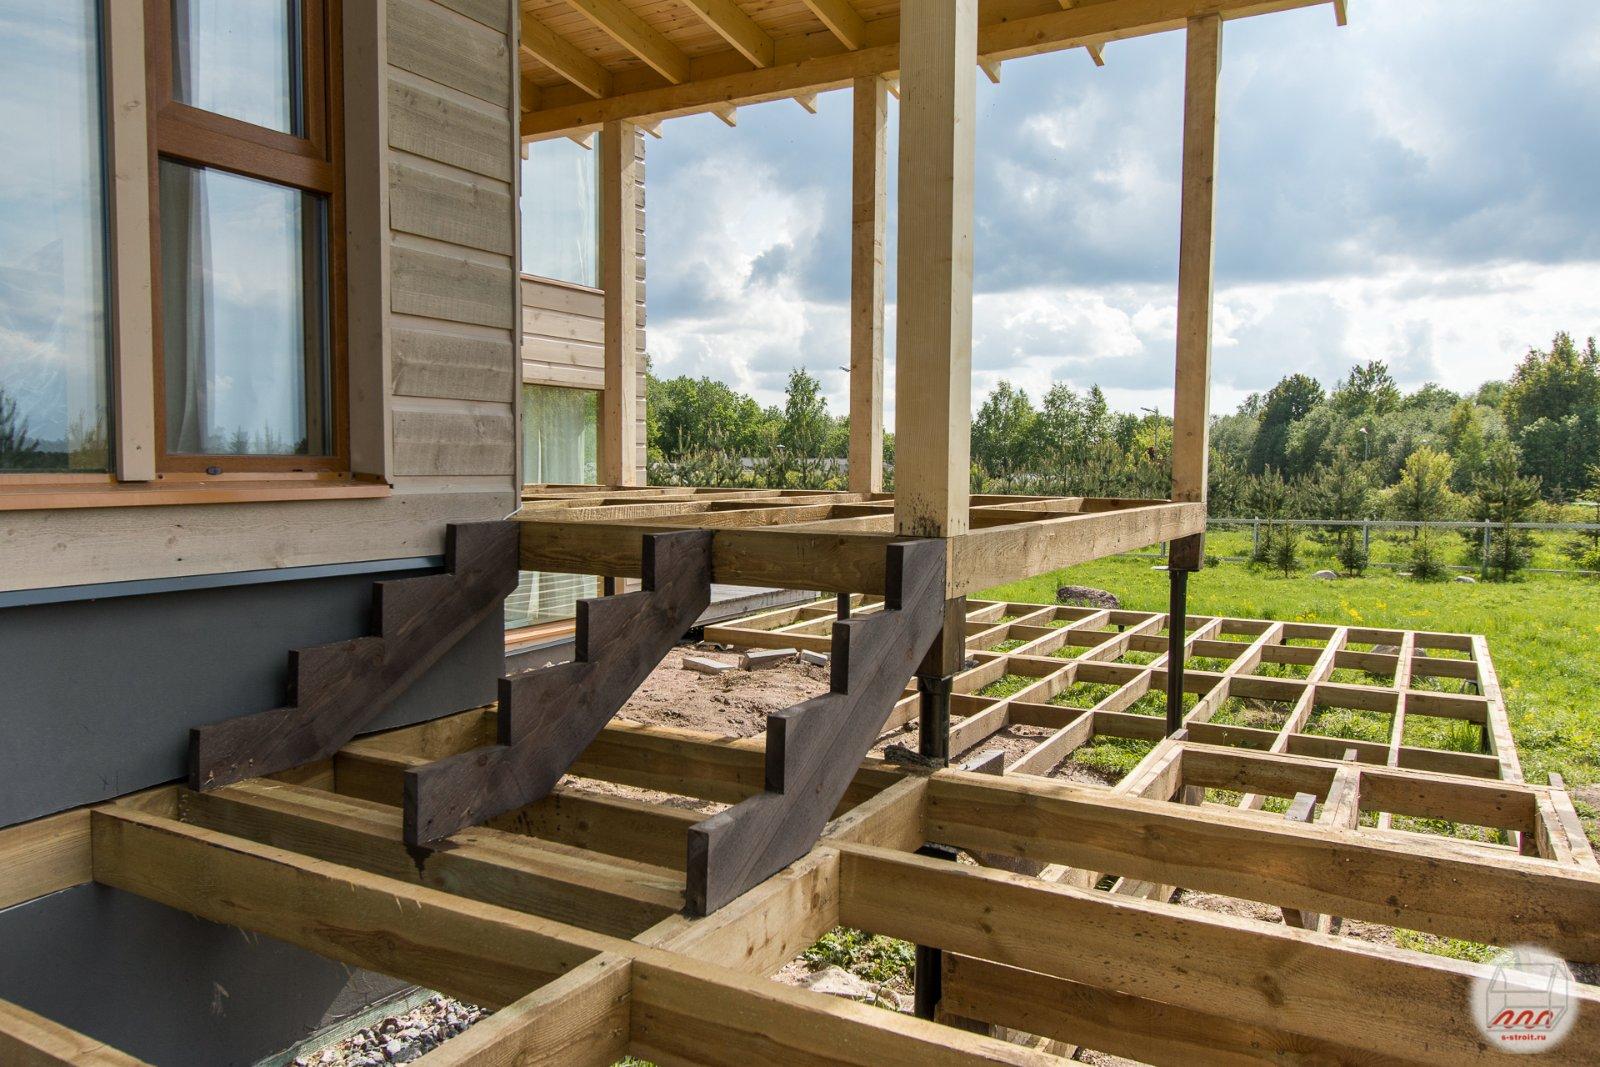 Открытая терраса: что это такое и чем отличается, в чём разница и отличия от веранды, размещение на крыше частного дома